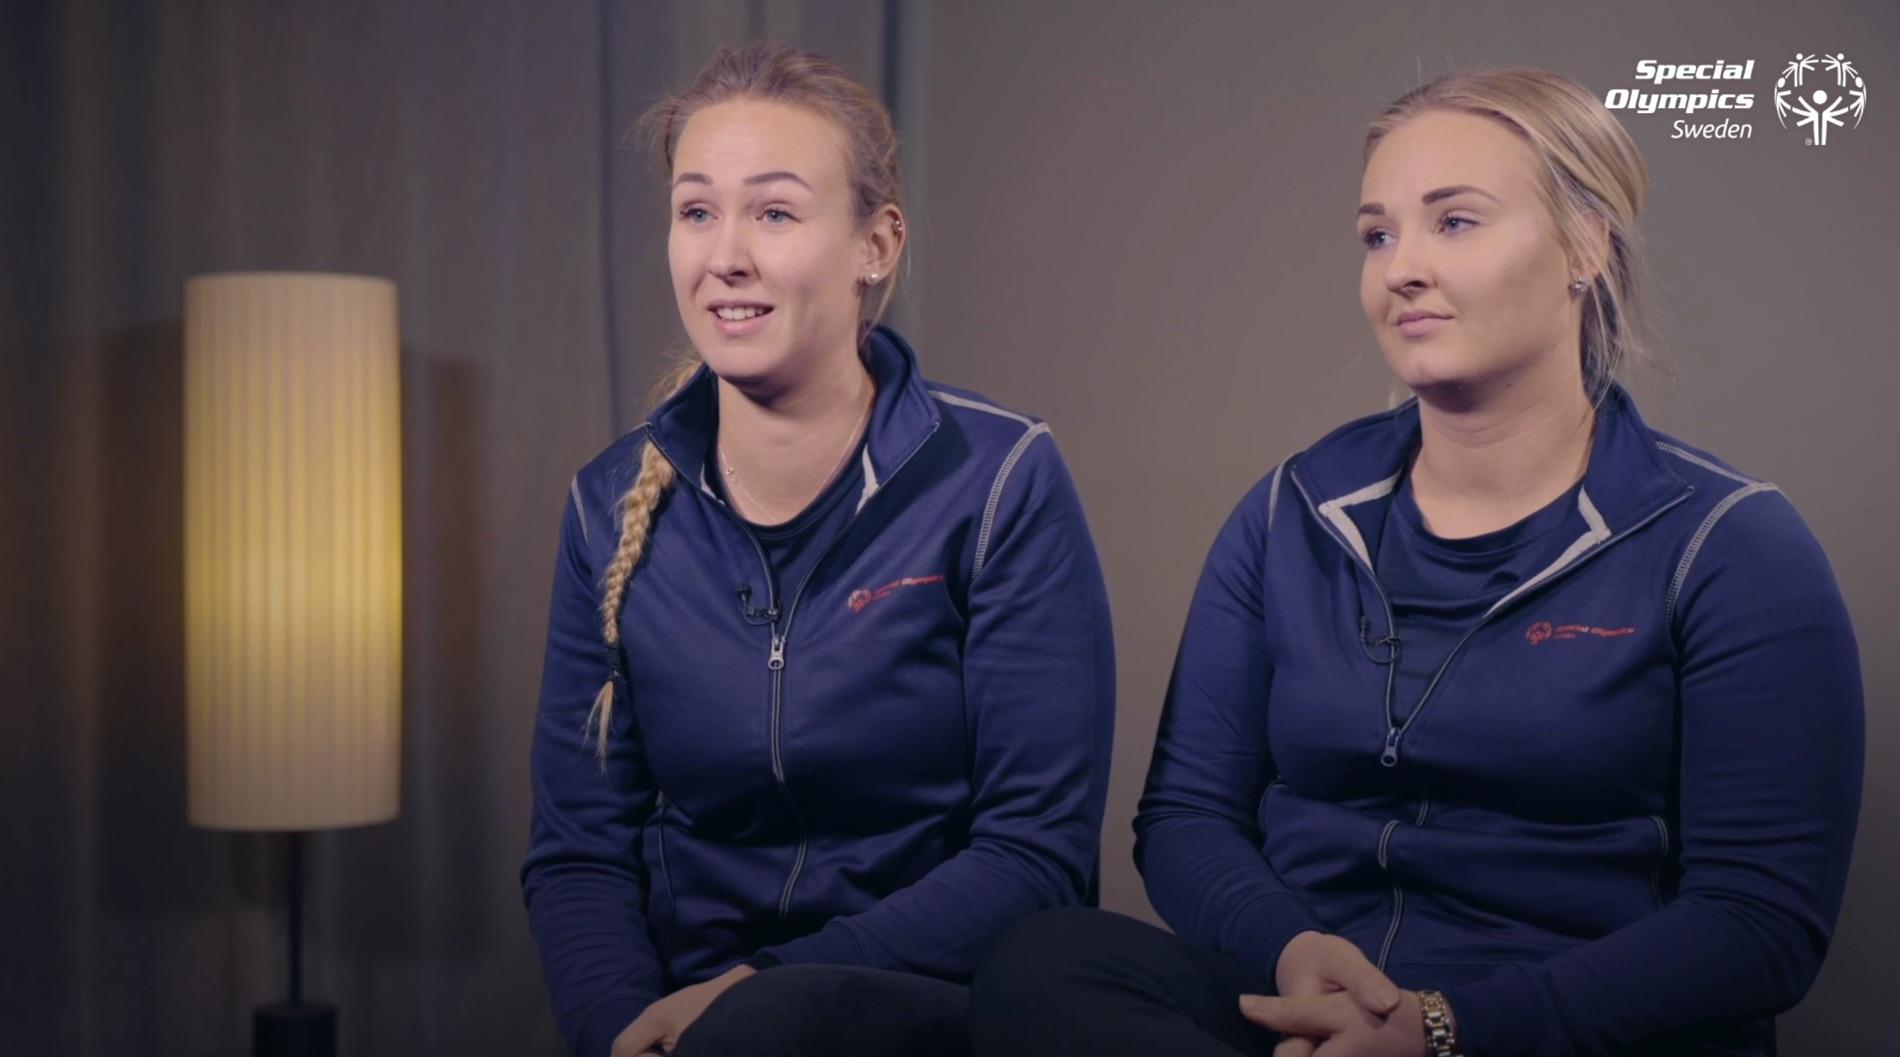 Amanda Ferm och Erika Nylund är mentorer för inom Special Olympics Sveriges ambassadörsprogram.